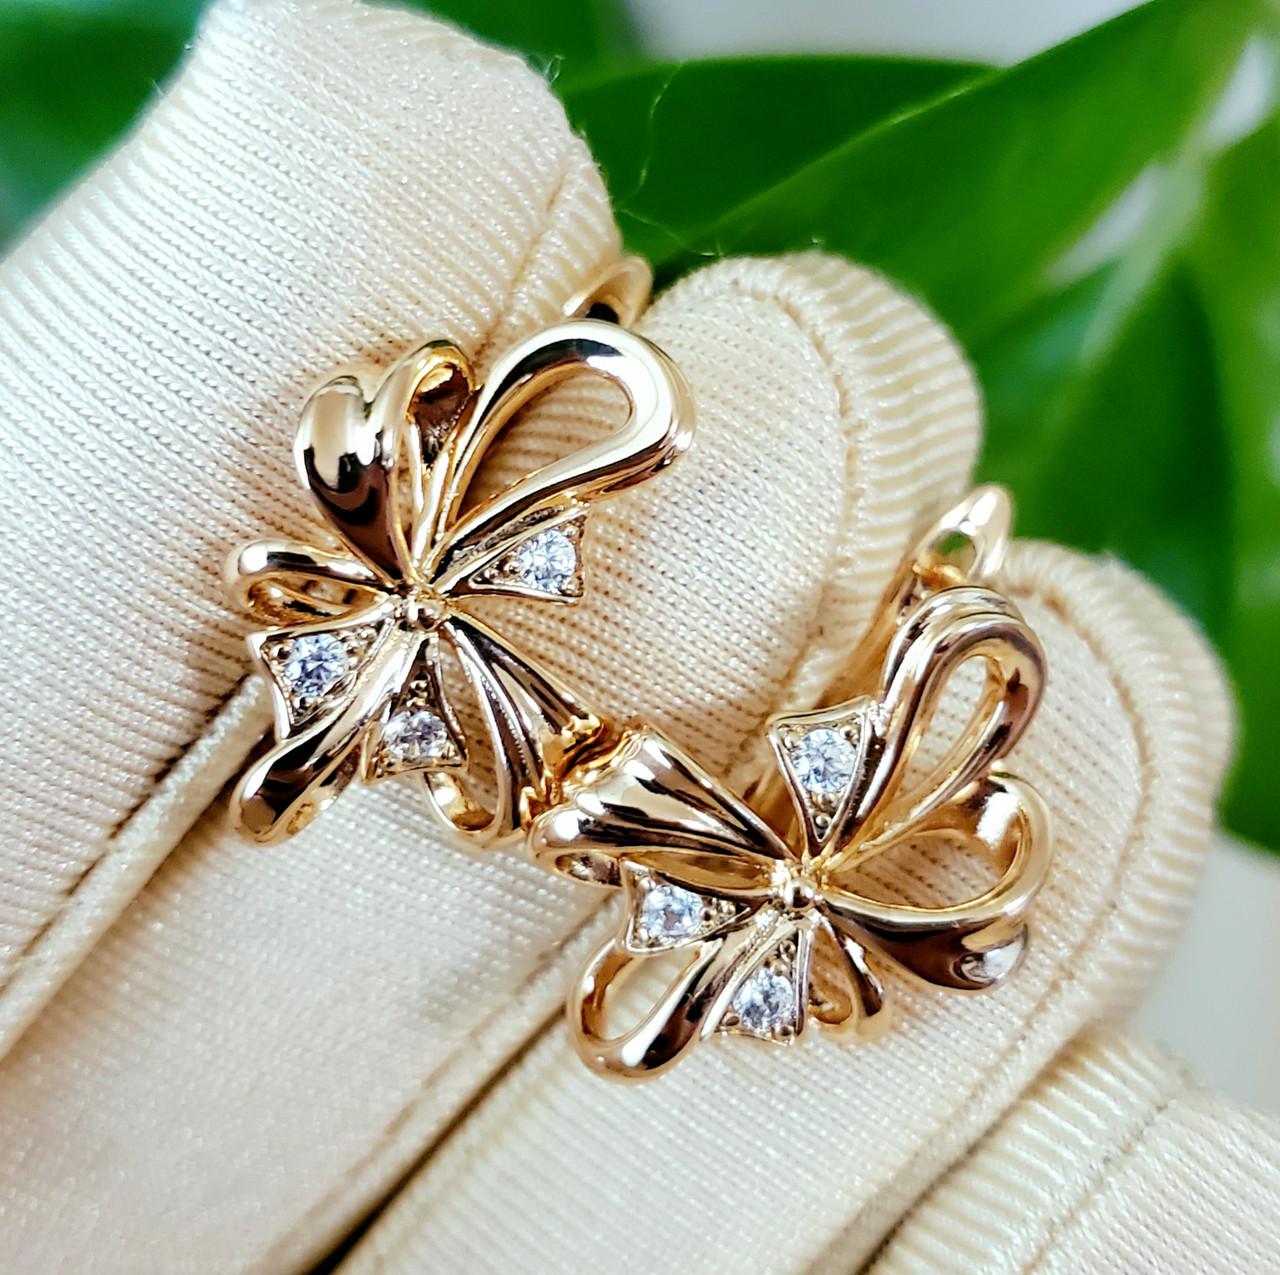 Сережки Xuping довжина 2.2см медичне золото позолота 18К с969